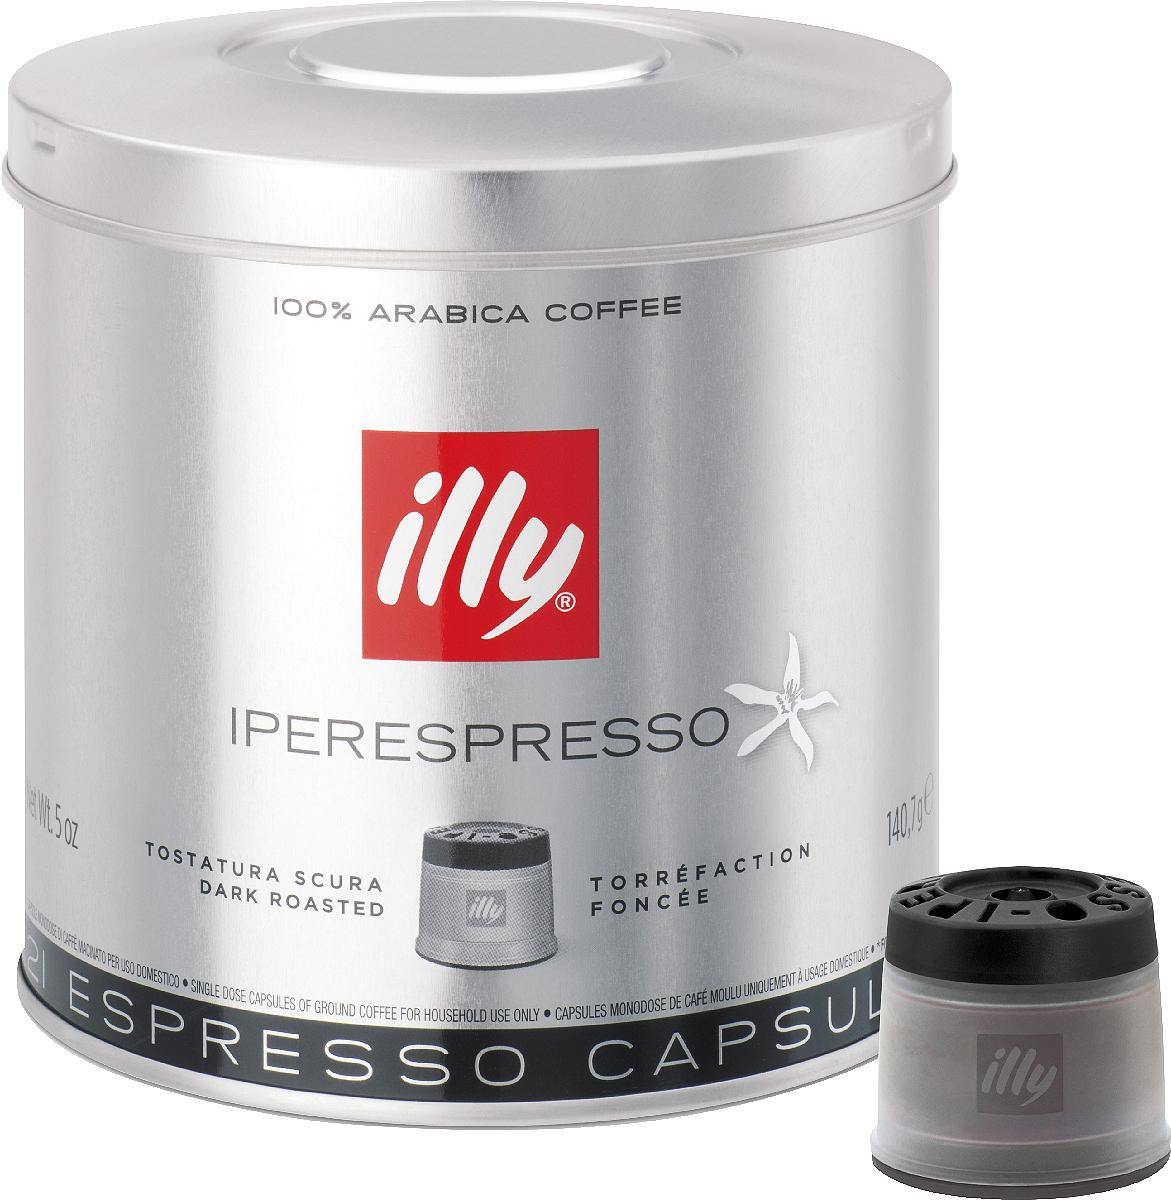 Illy Iperespresso кофе в капсулах темной обжарки, 21 шт6861 (3789)Насыщенный вкус, с ароматом поджаренного хлеба и послевкусием темного шоколада. Рекомендуется для ристретто, а также для приготовления кофе с молоком.